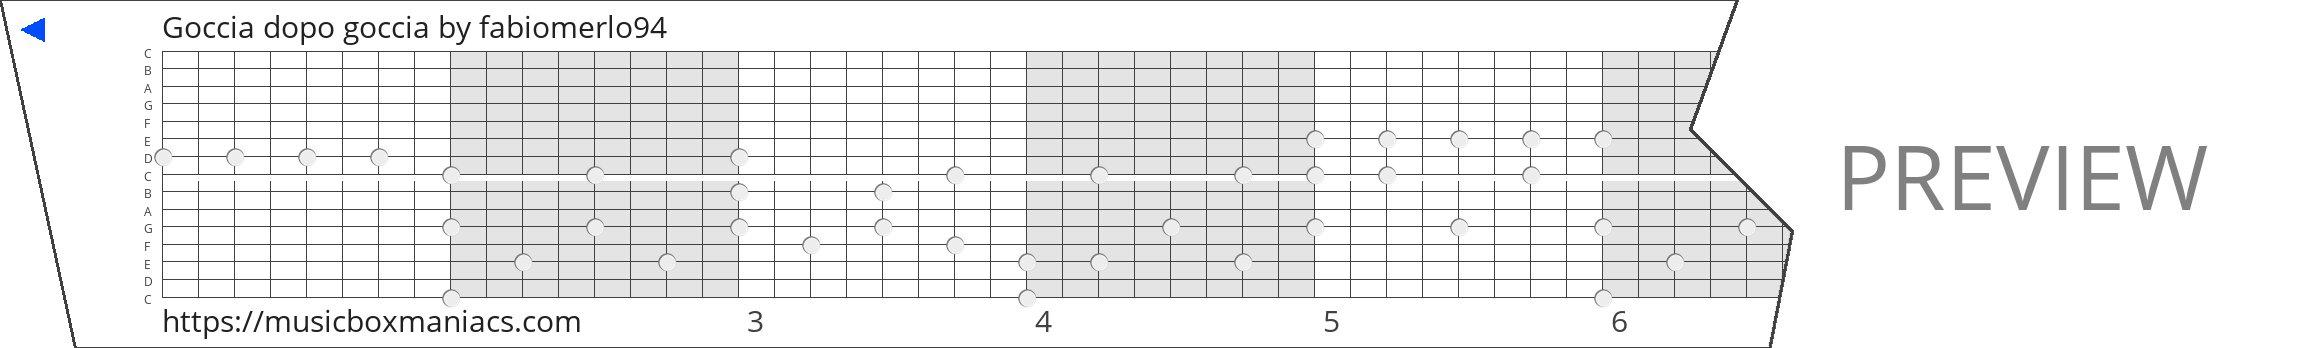 Goccia dopo goccia 15 note music box paper strip